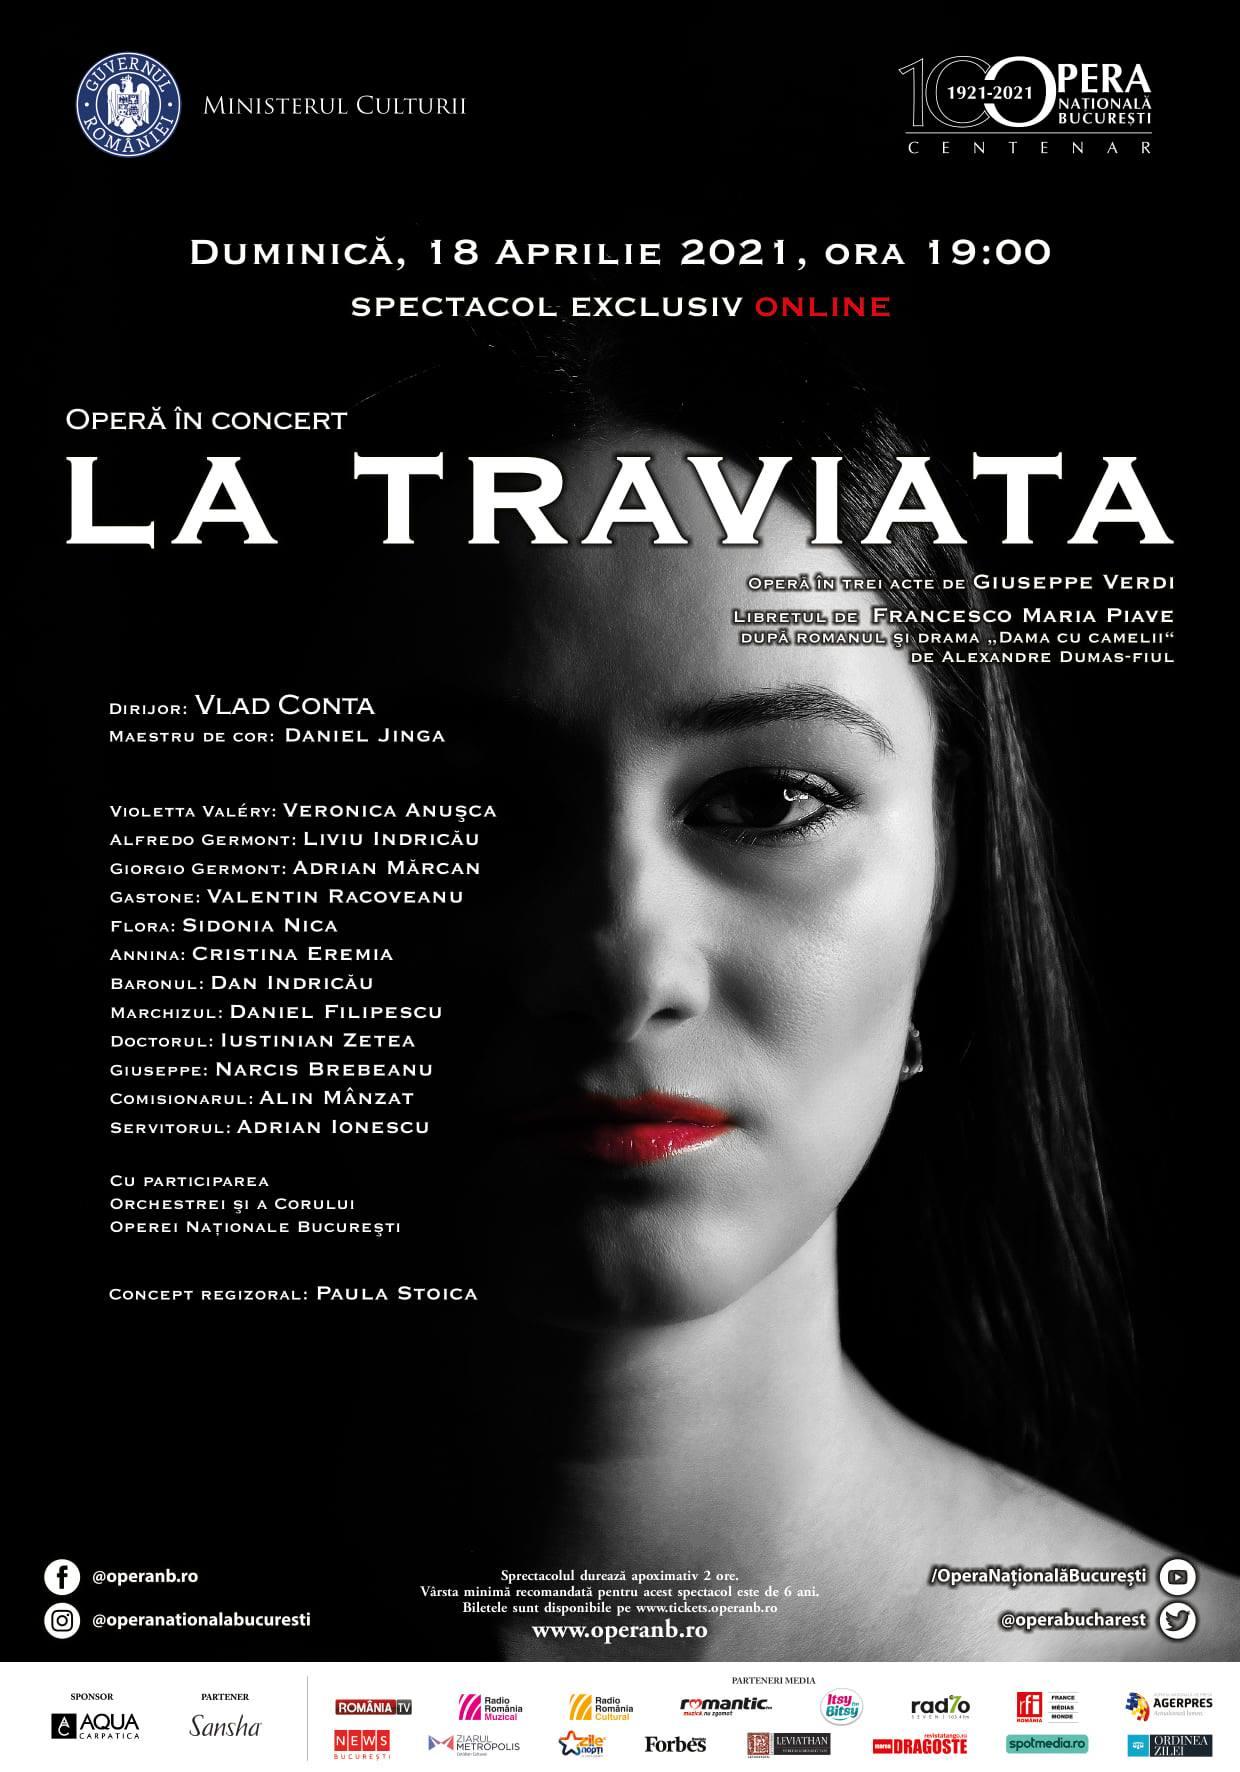 """""""La Traviata"""" – operă în concert, transmisă online de Opera Națională București"""